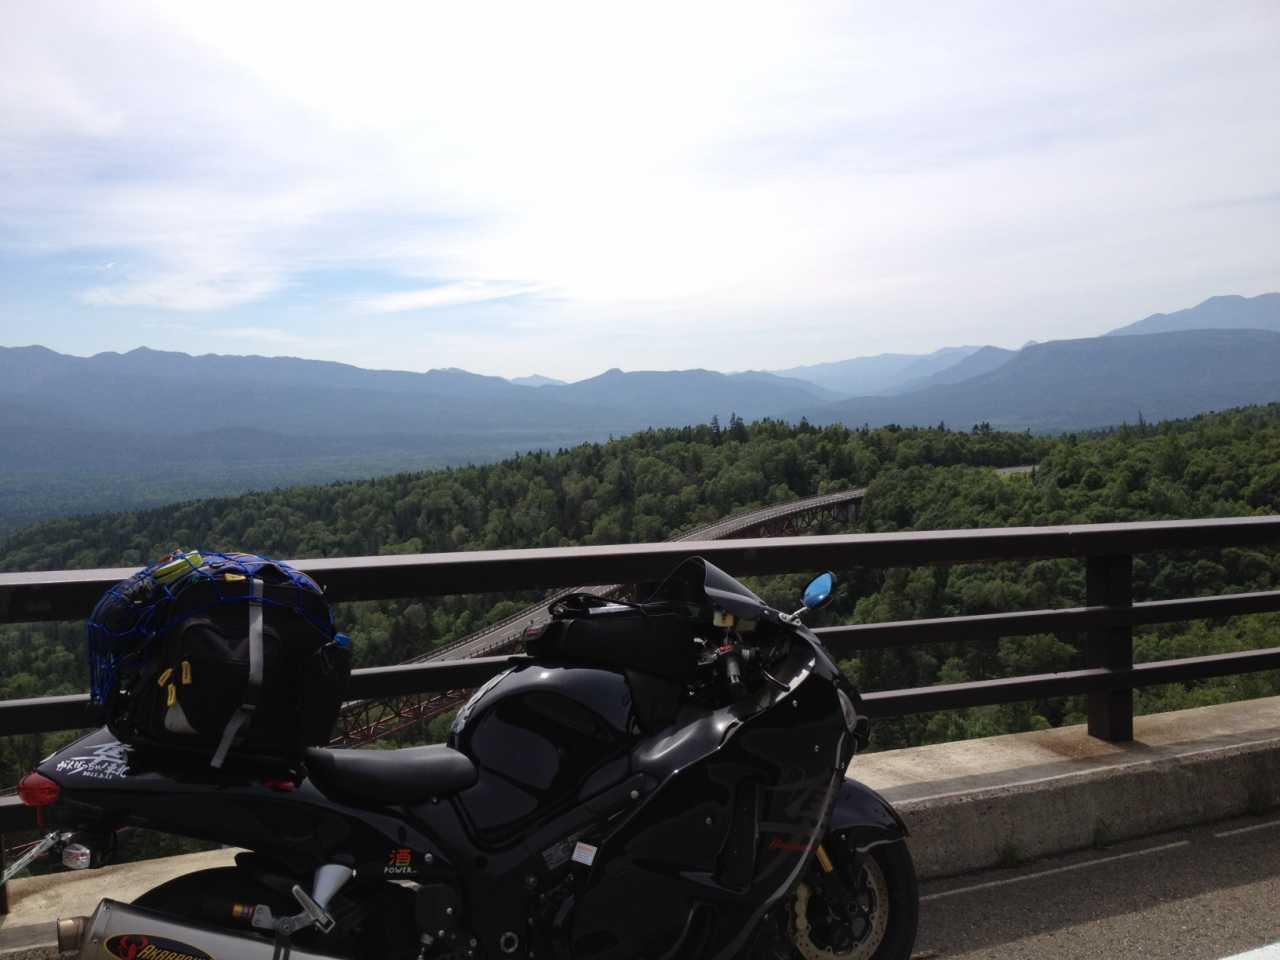 ▲ バイクの聖地「三国峠」は外せない